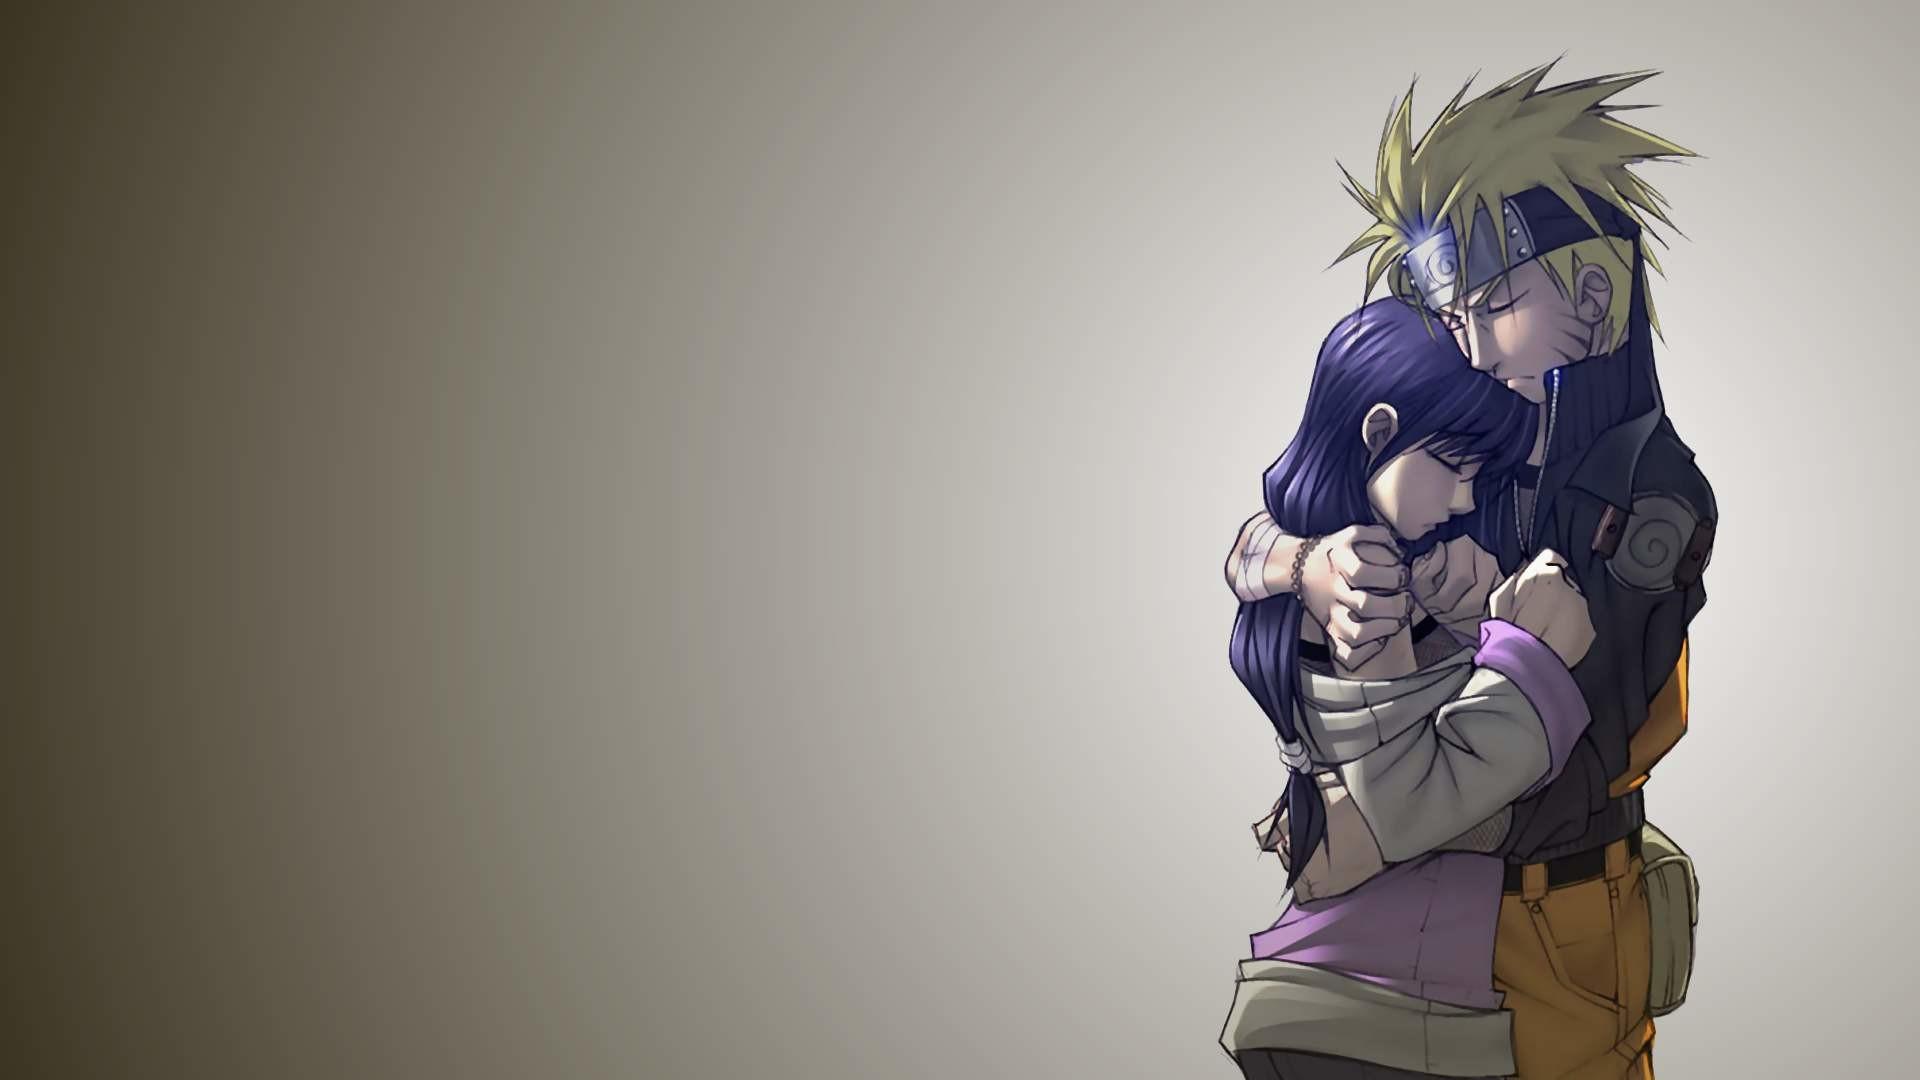 Naruto and Hinata Exclusive HD Wallpapers #4614